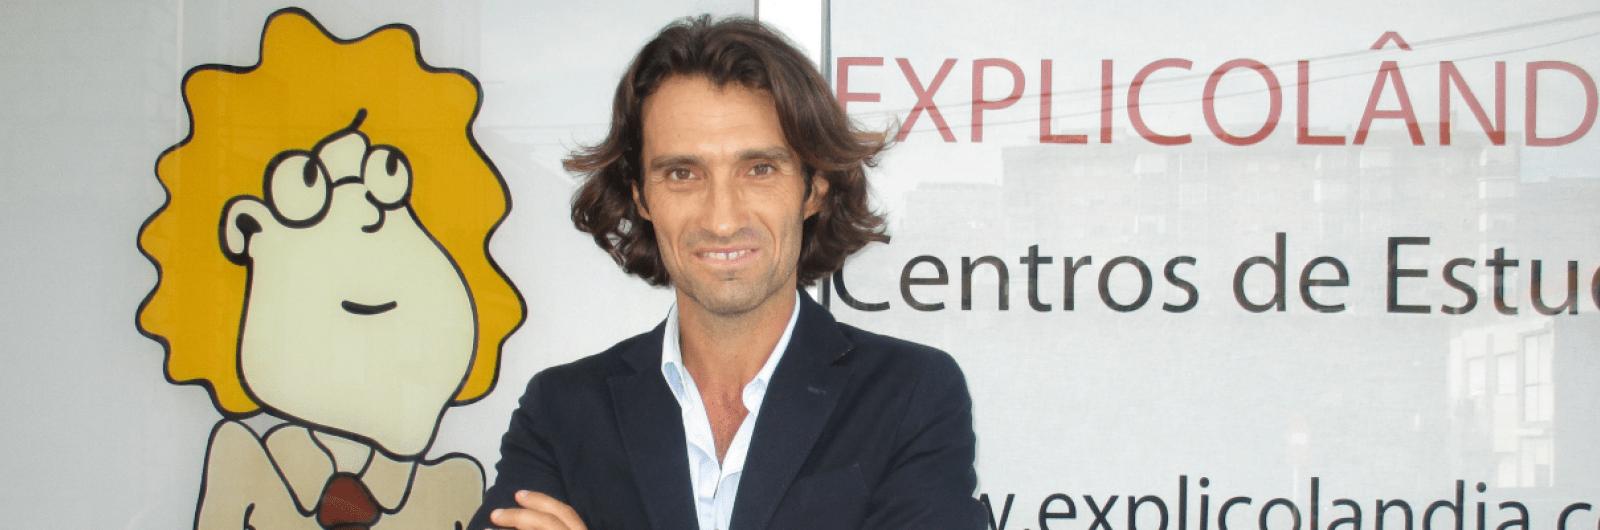 4 perguntas a José Carlos Ramos, Direção de Franchising da Explicolândia